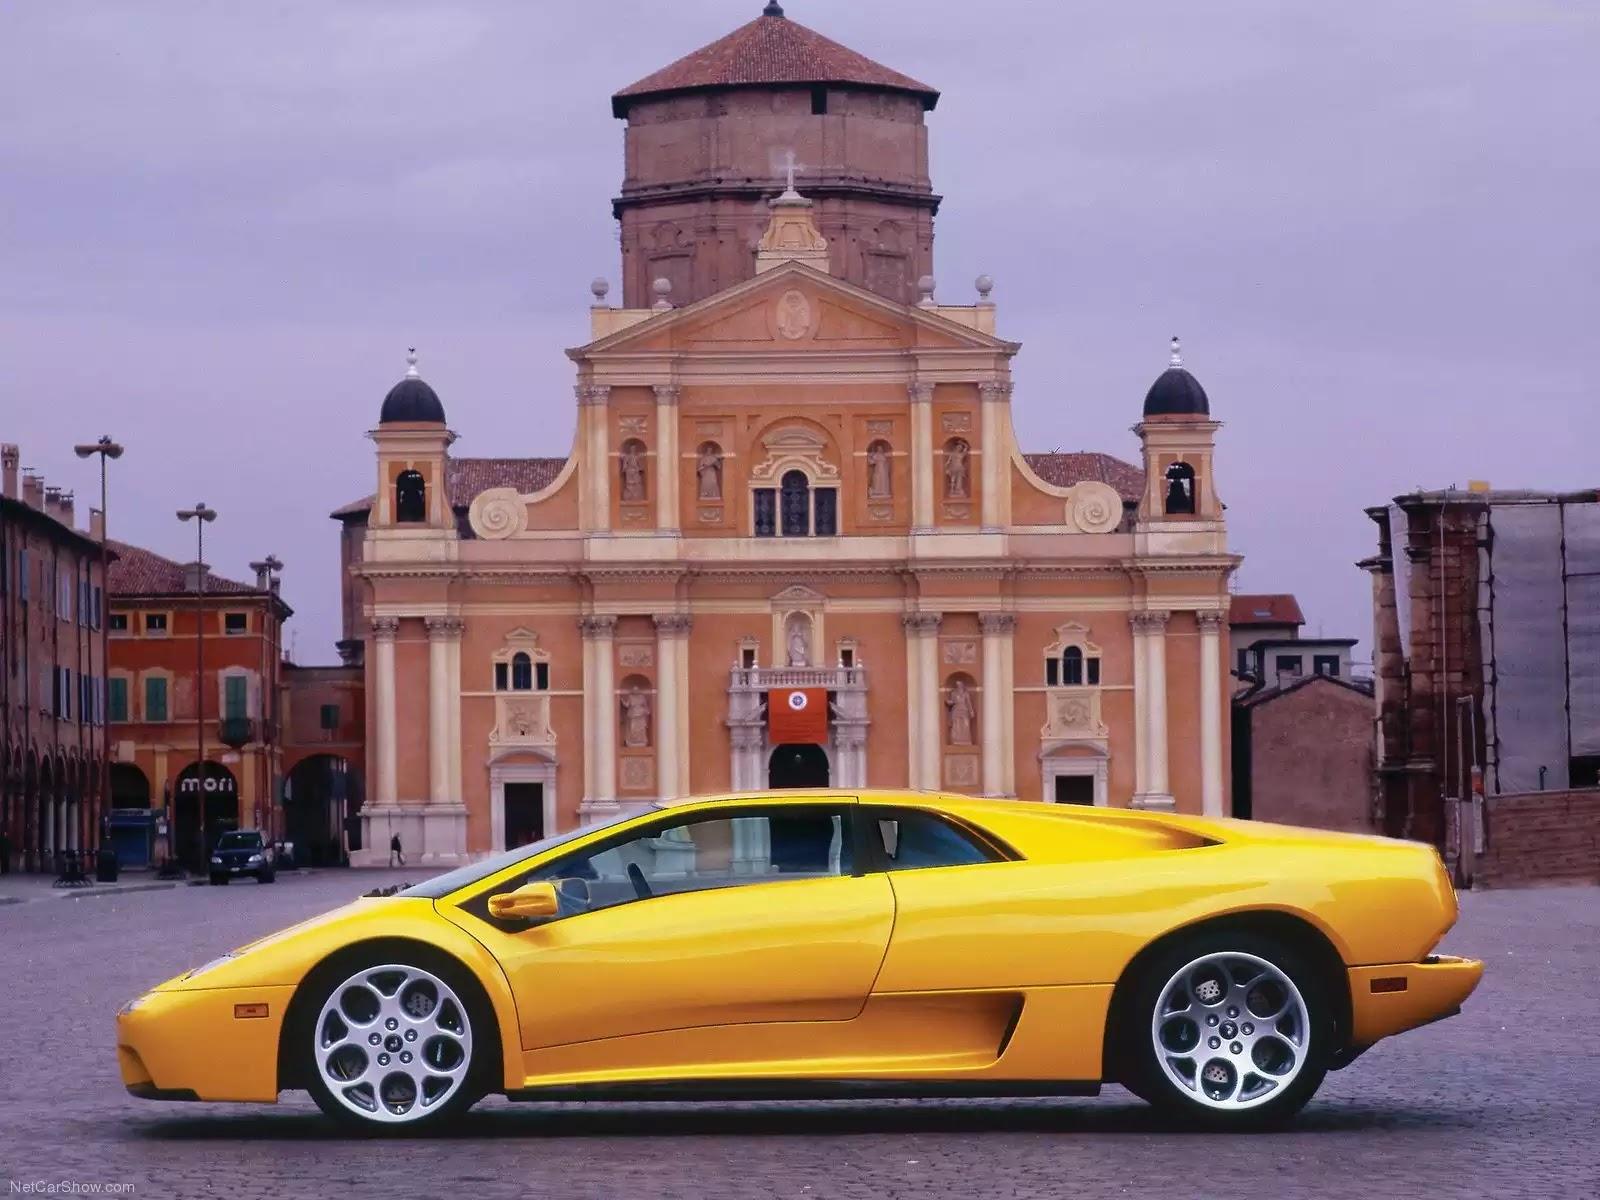 Hình ảnh siêu xe Lamborghini Diablo 6.0 2001 & nội ngoại thất